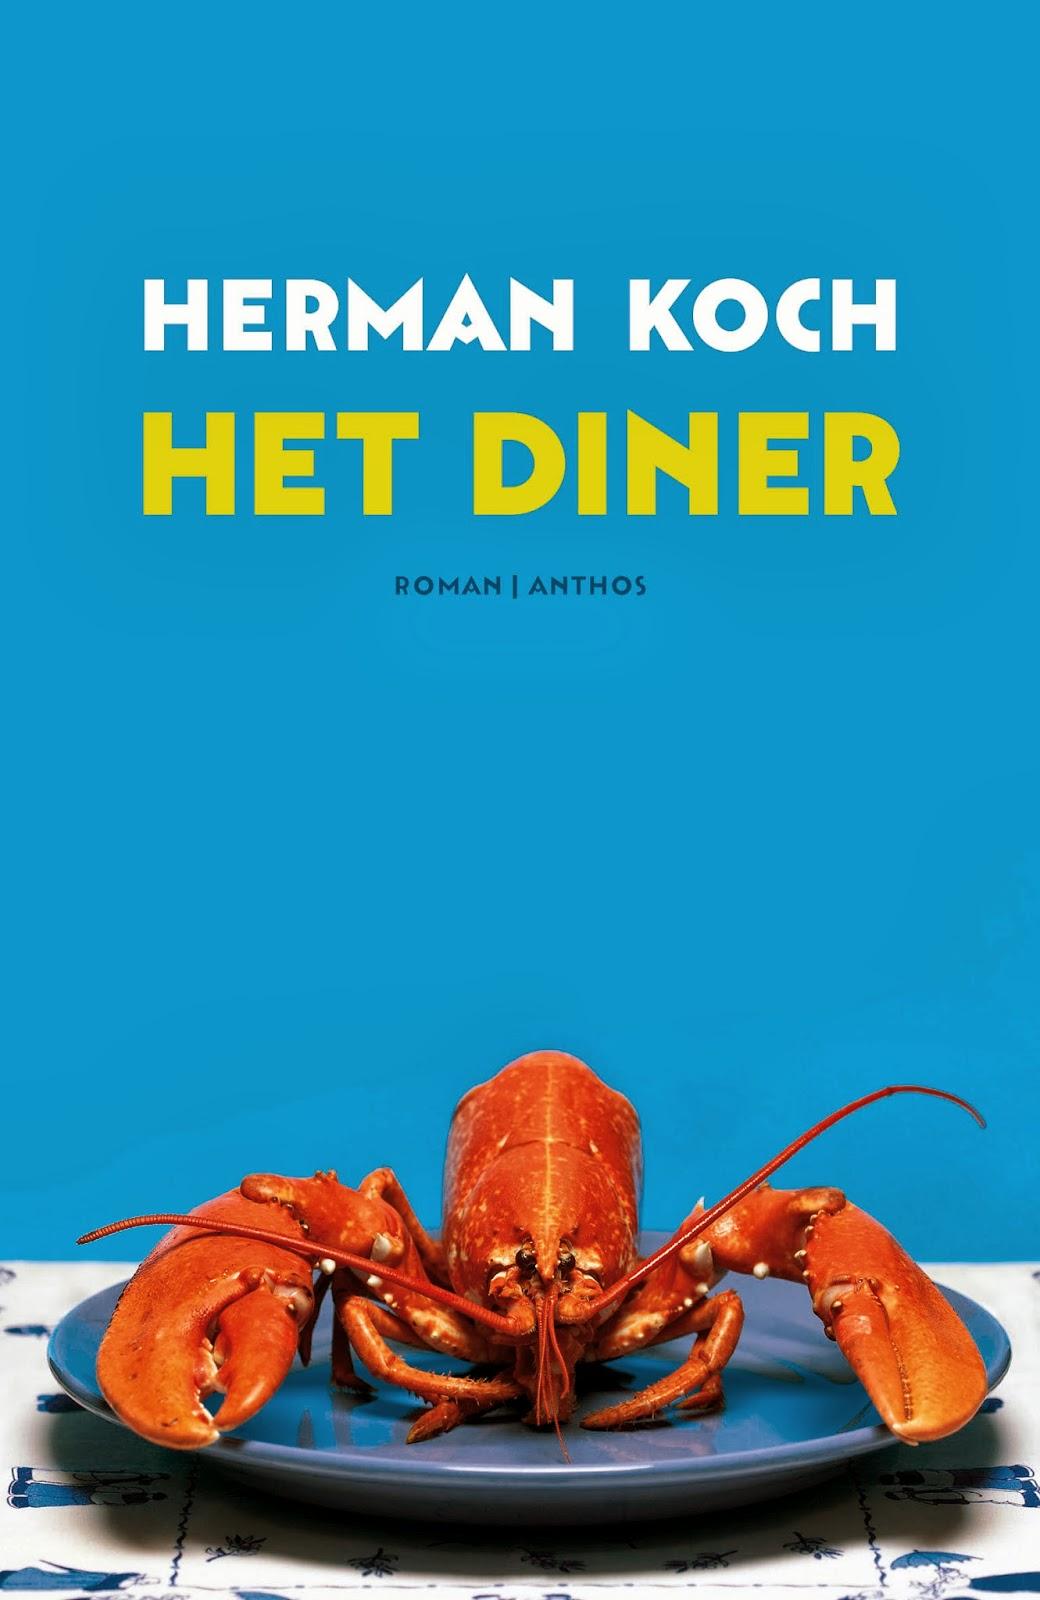 Herman Koch Het Diner Epub Download Site